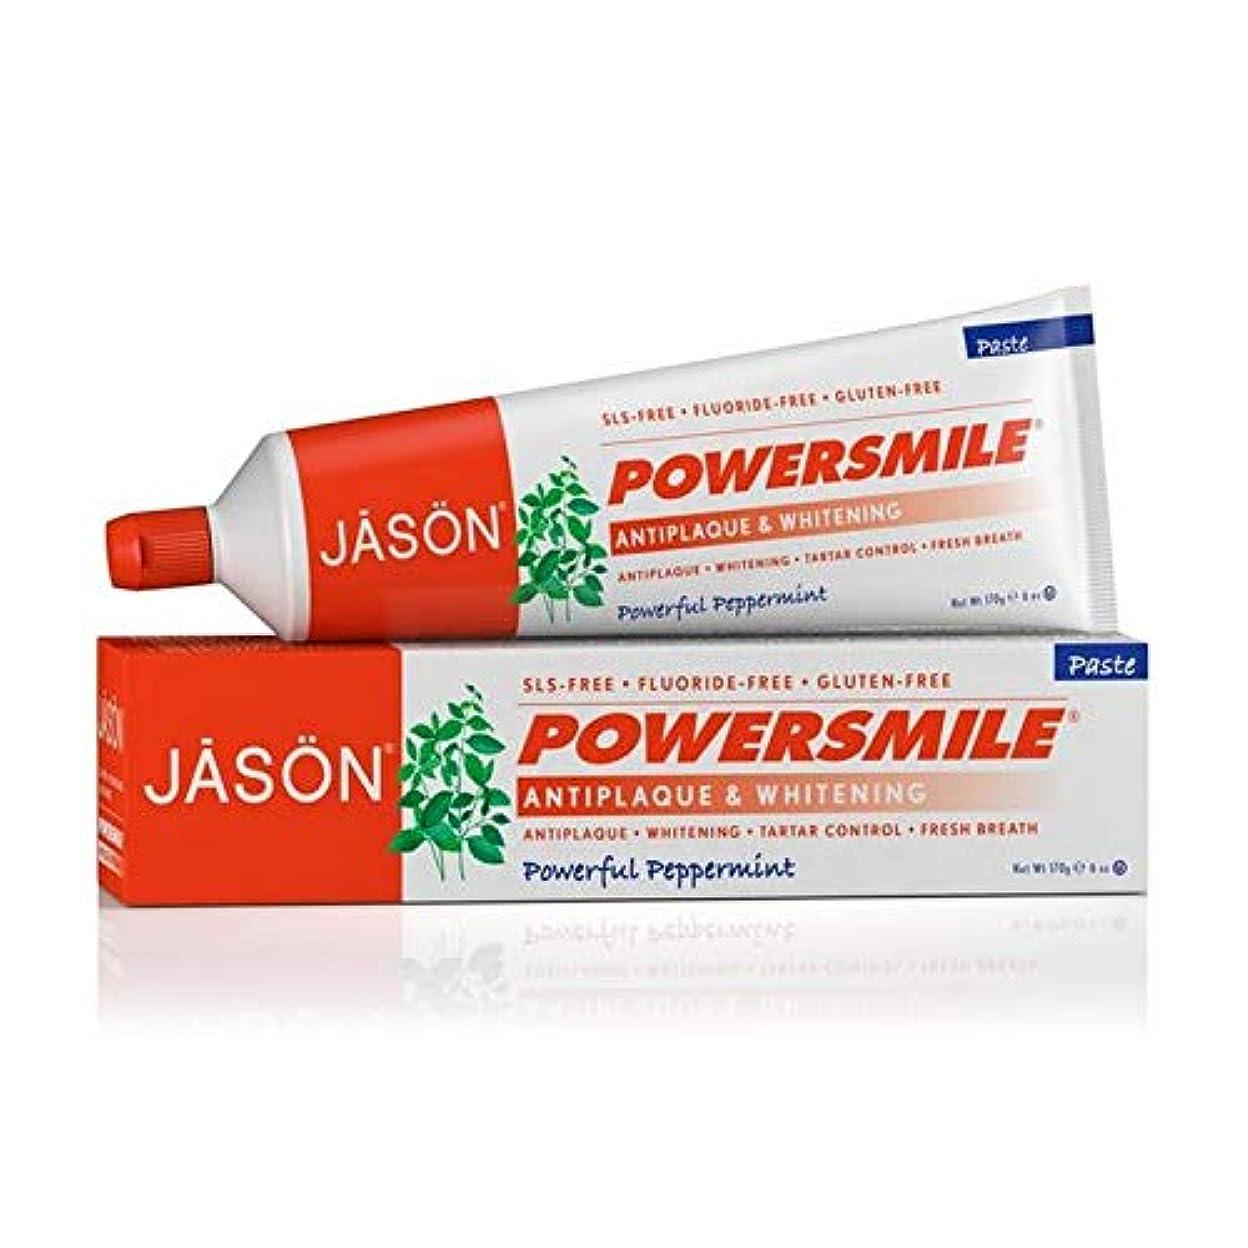 いいね扱う可愛い[Jason ] ジェイソンPowersmile歯磨き粉の170グラム - Jason Powersmile Toothpaste 170g [並行輸入品]